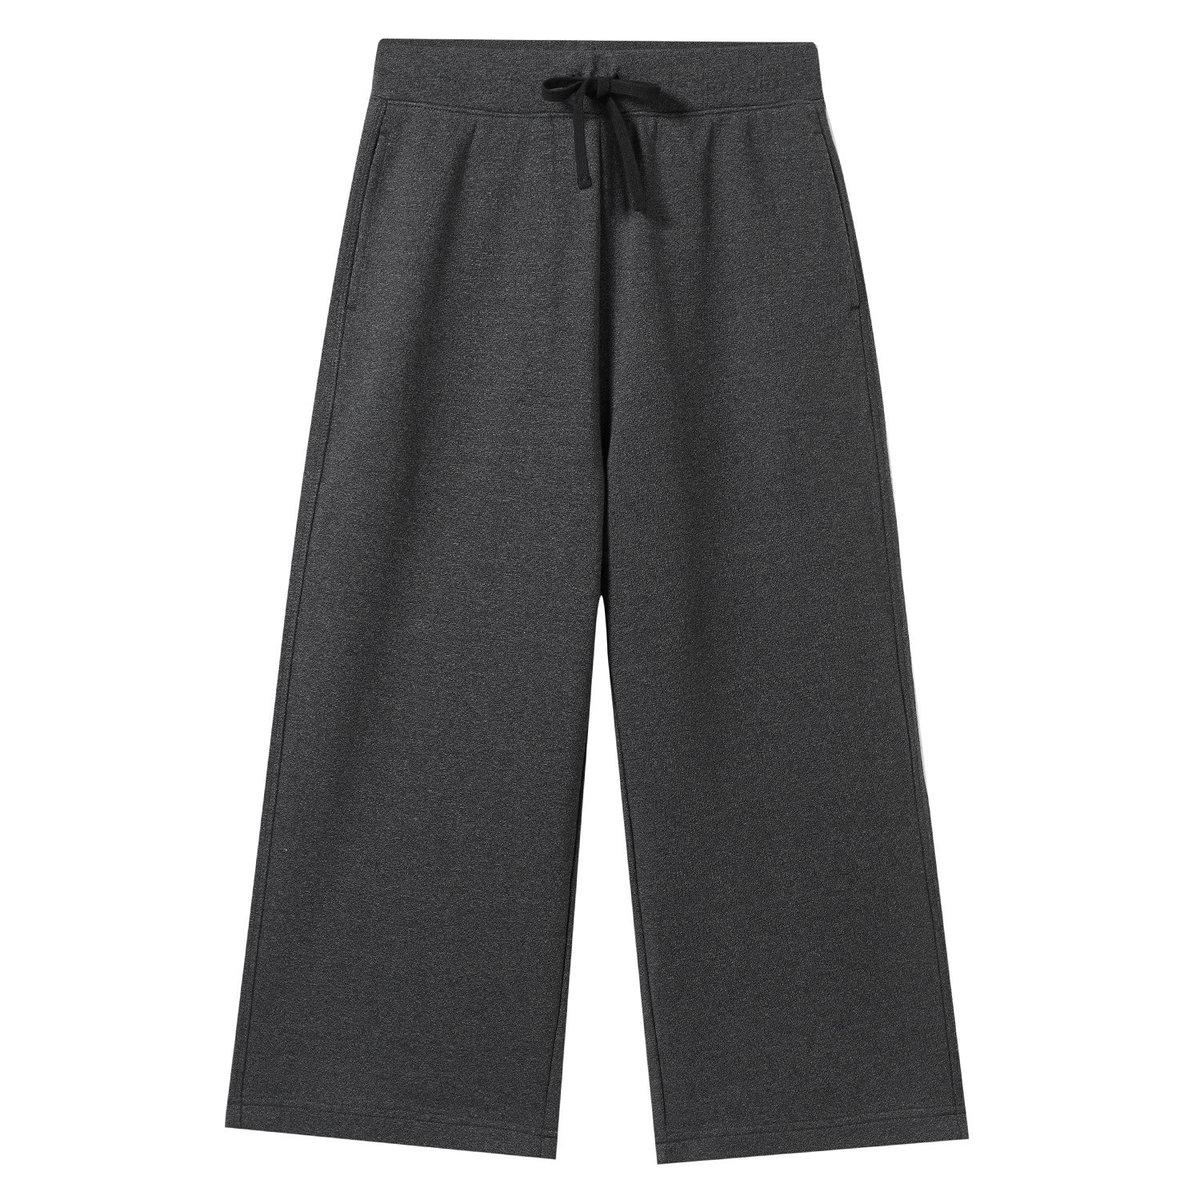 Women's High Waist Drawstring Wide-Leg Pants